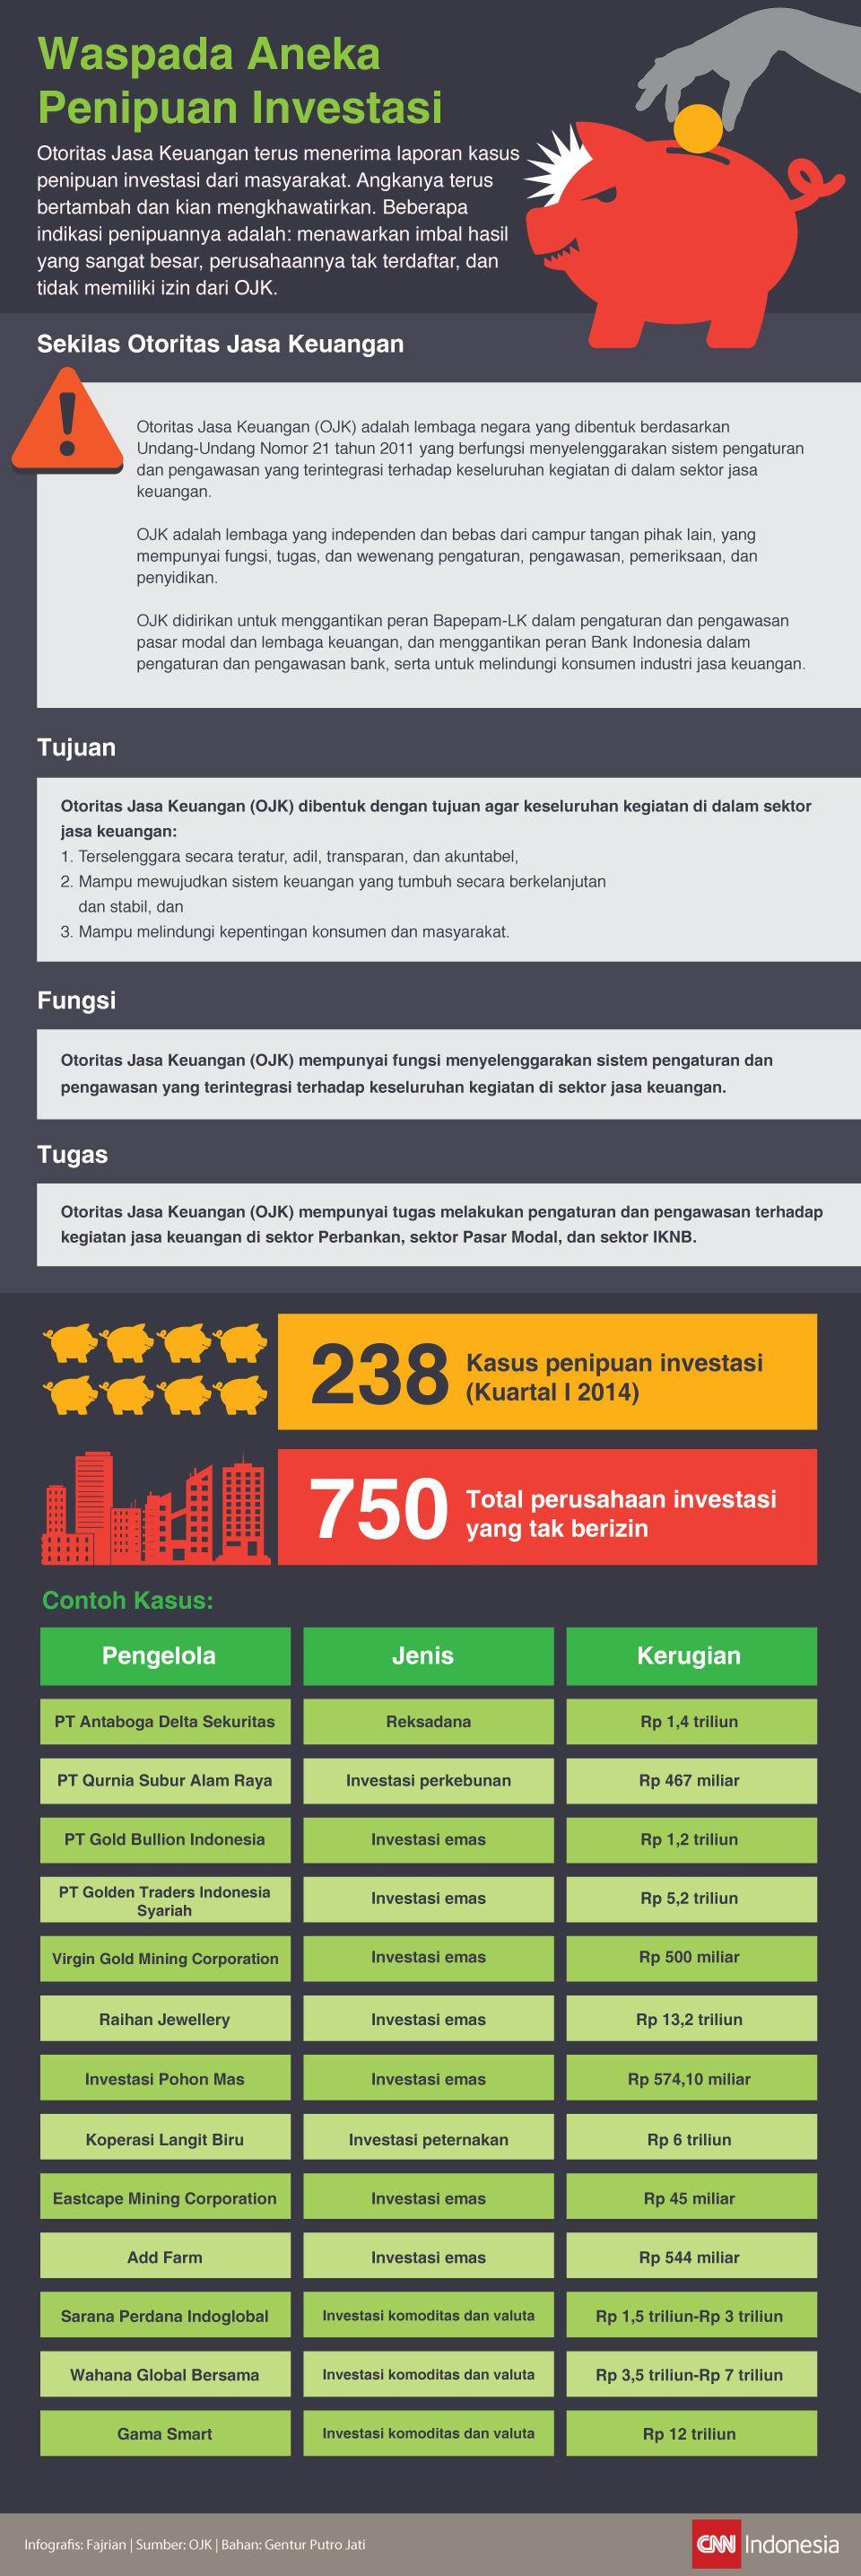 Aneka Penipuan Investasi dalam Infografis